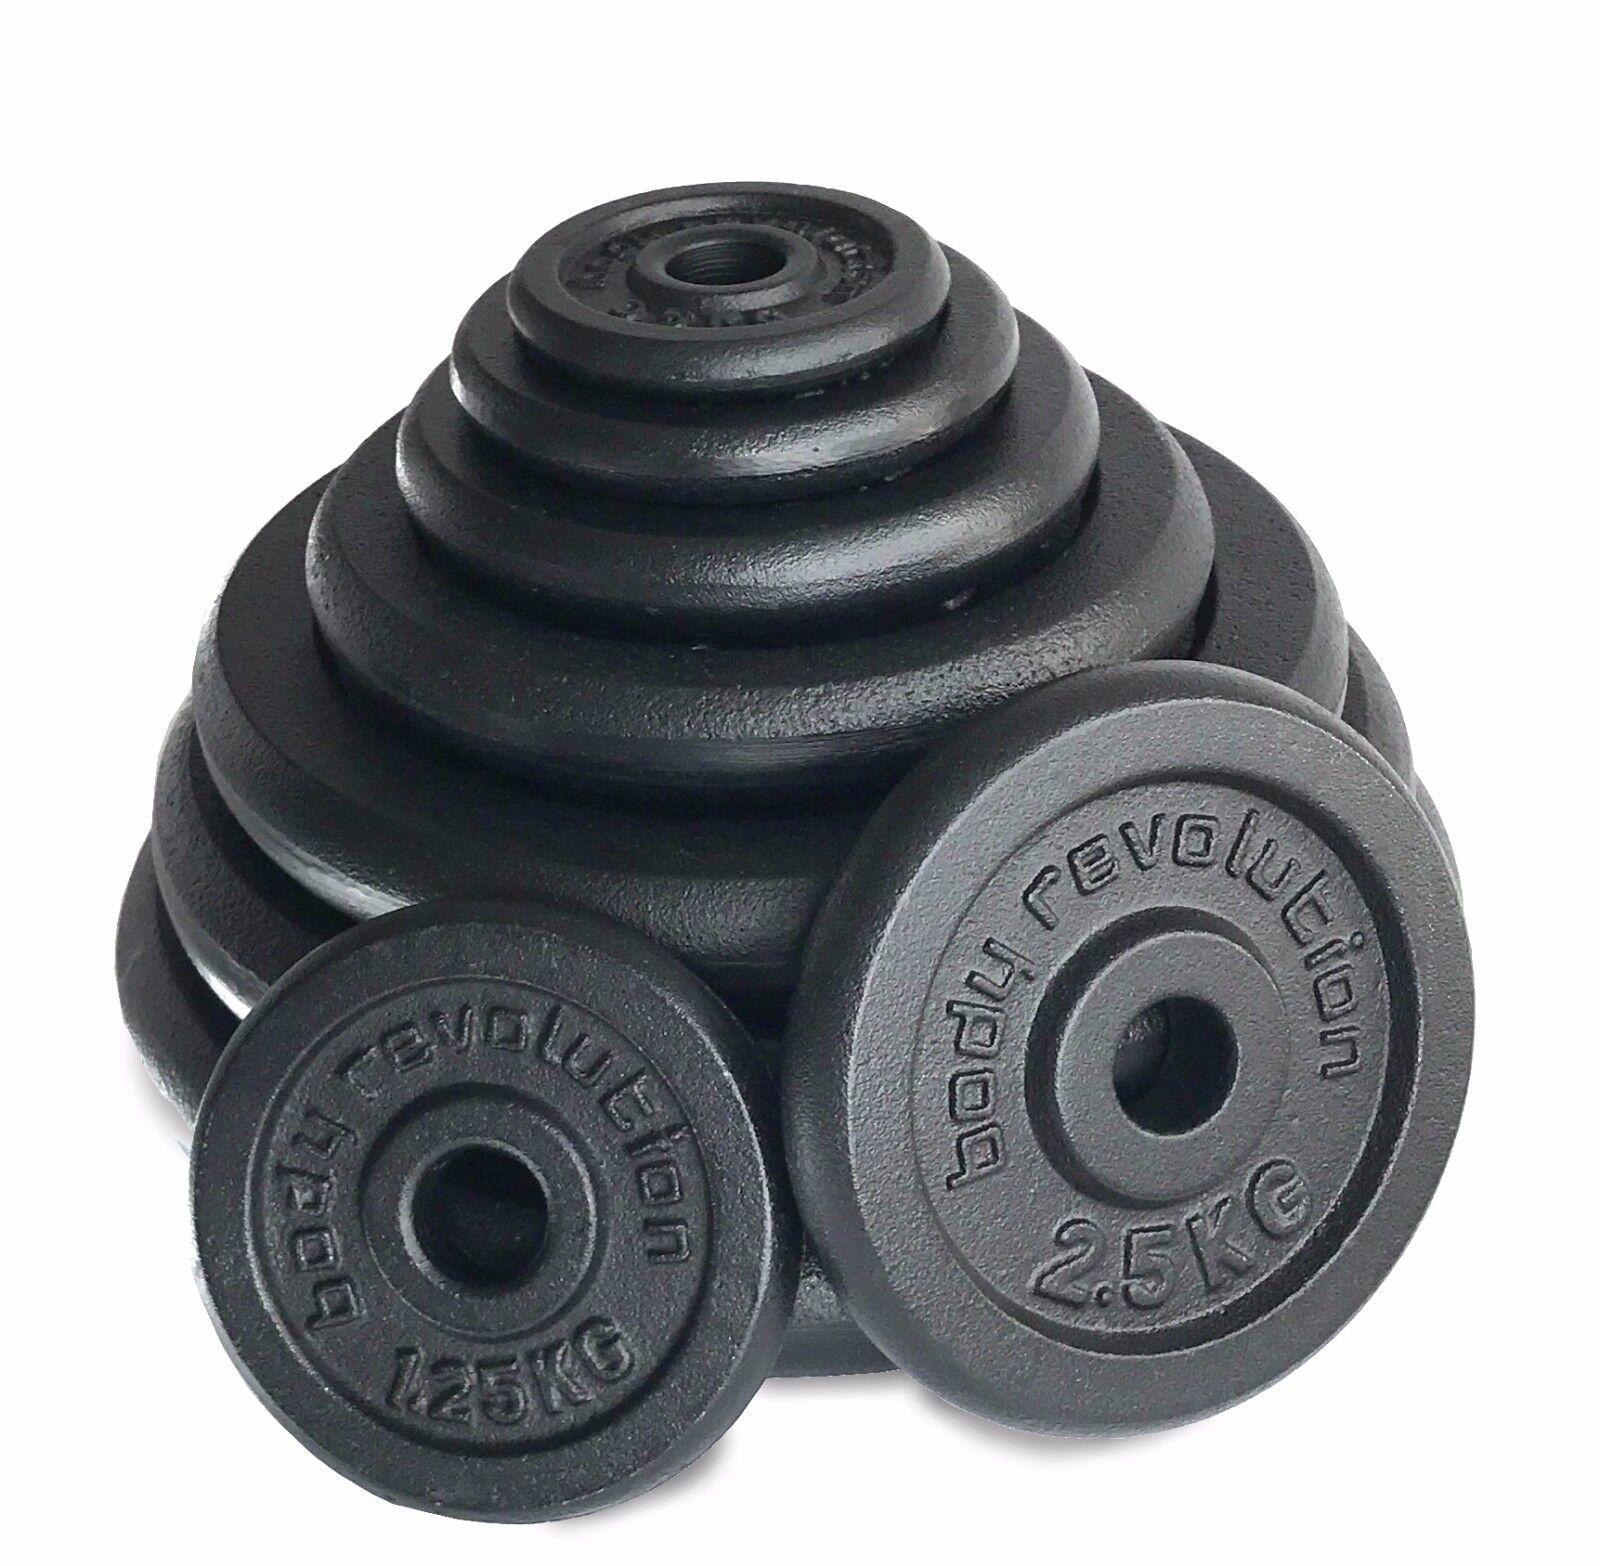 1  Gusseisen Gewichte Platten-Scheiben für Hanteln Hanteln - Sätze Personen 25mm